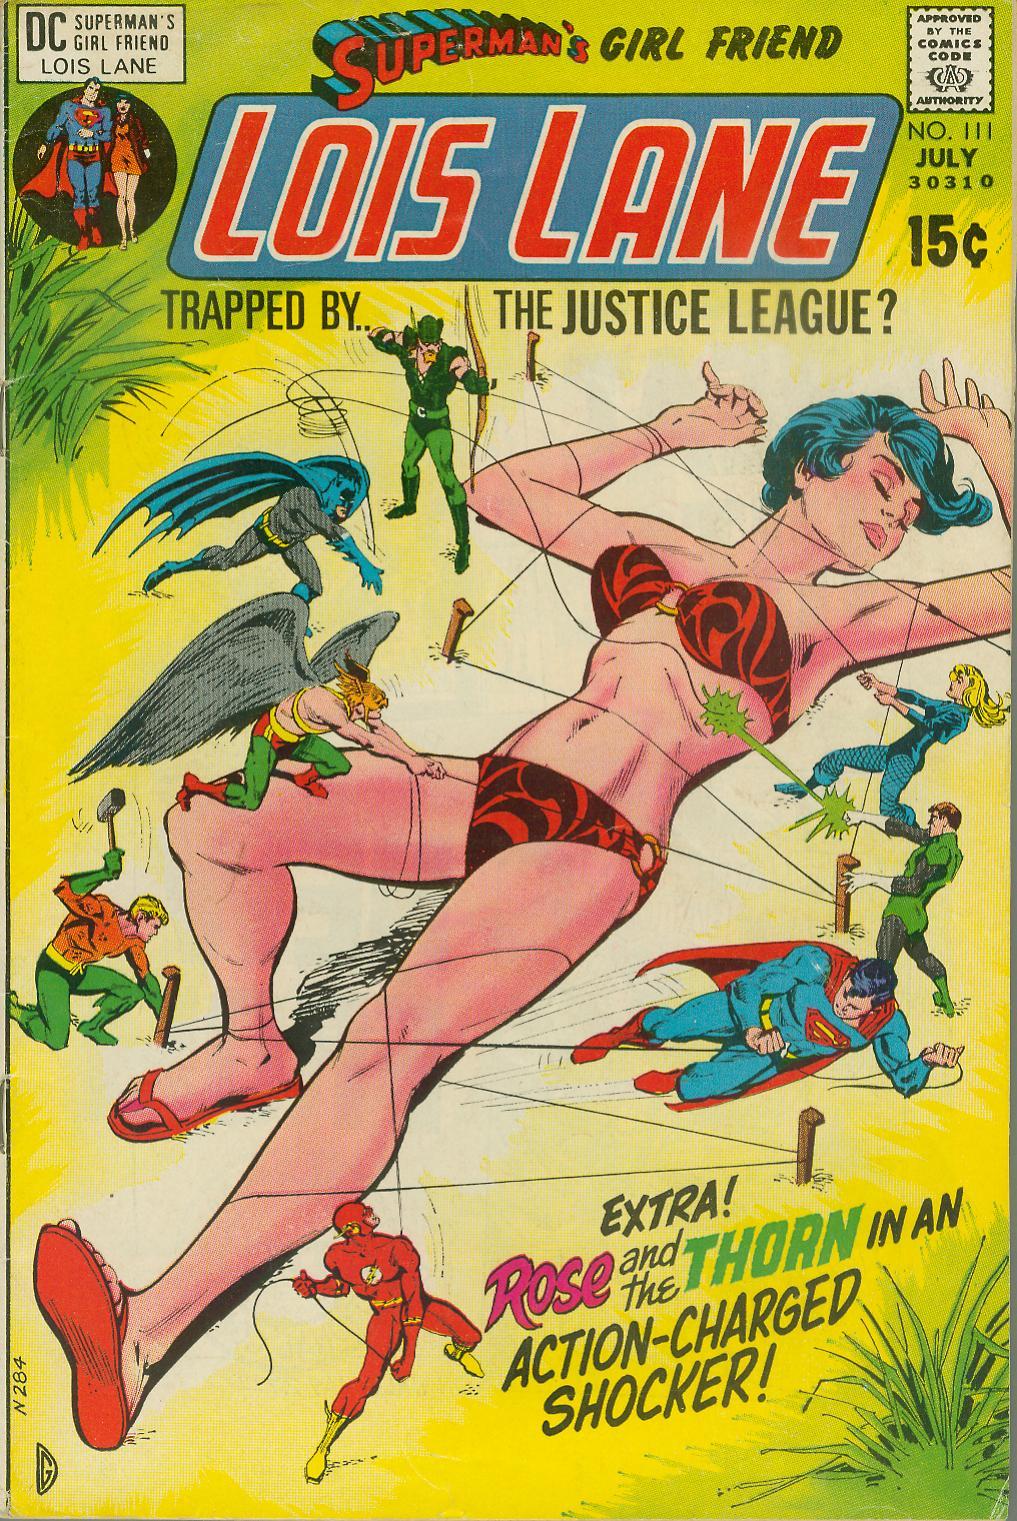 Supermans Girl Friend, Lois Lane 111 Page 1